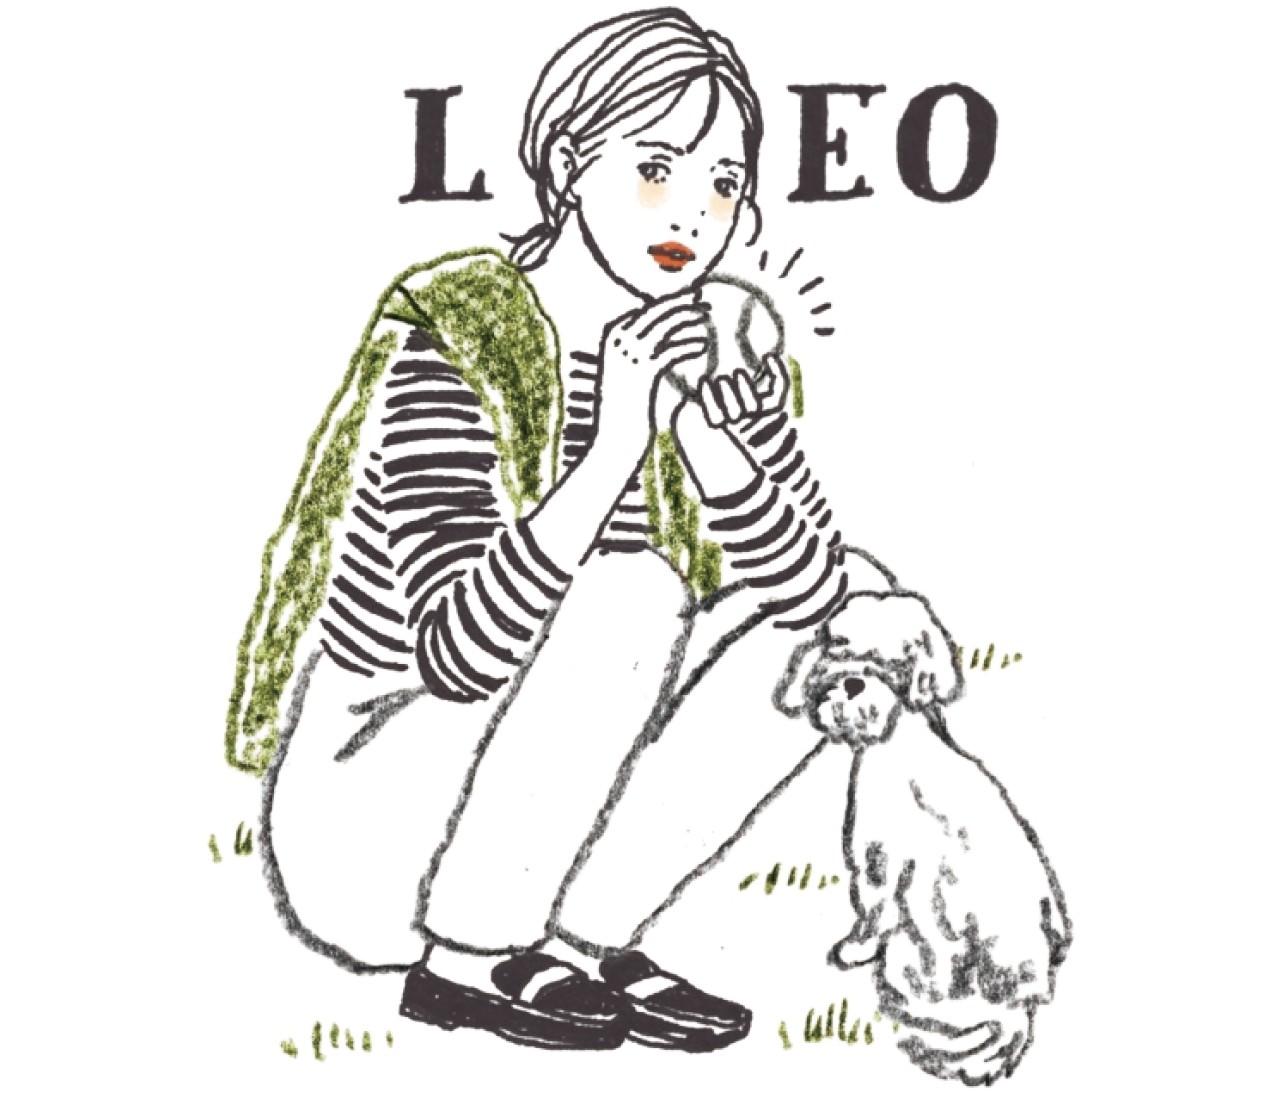 【獅子座】鏡リュウジの星座占い(2020年6月12日〜7月9日)